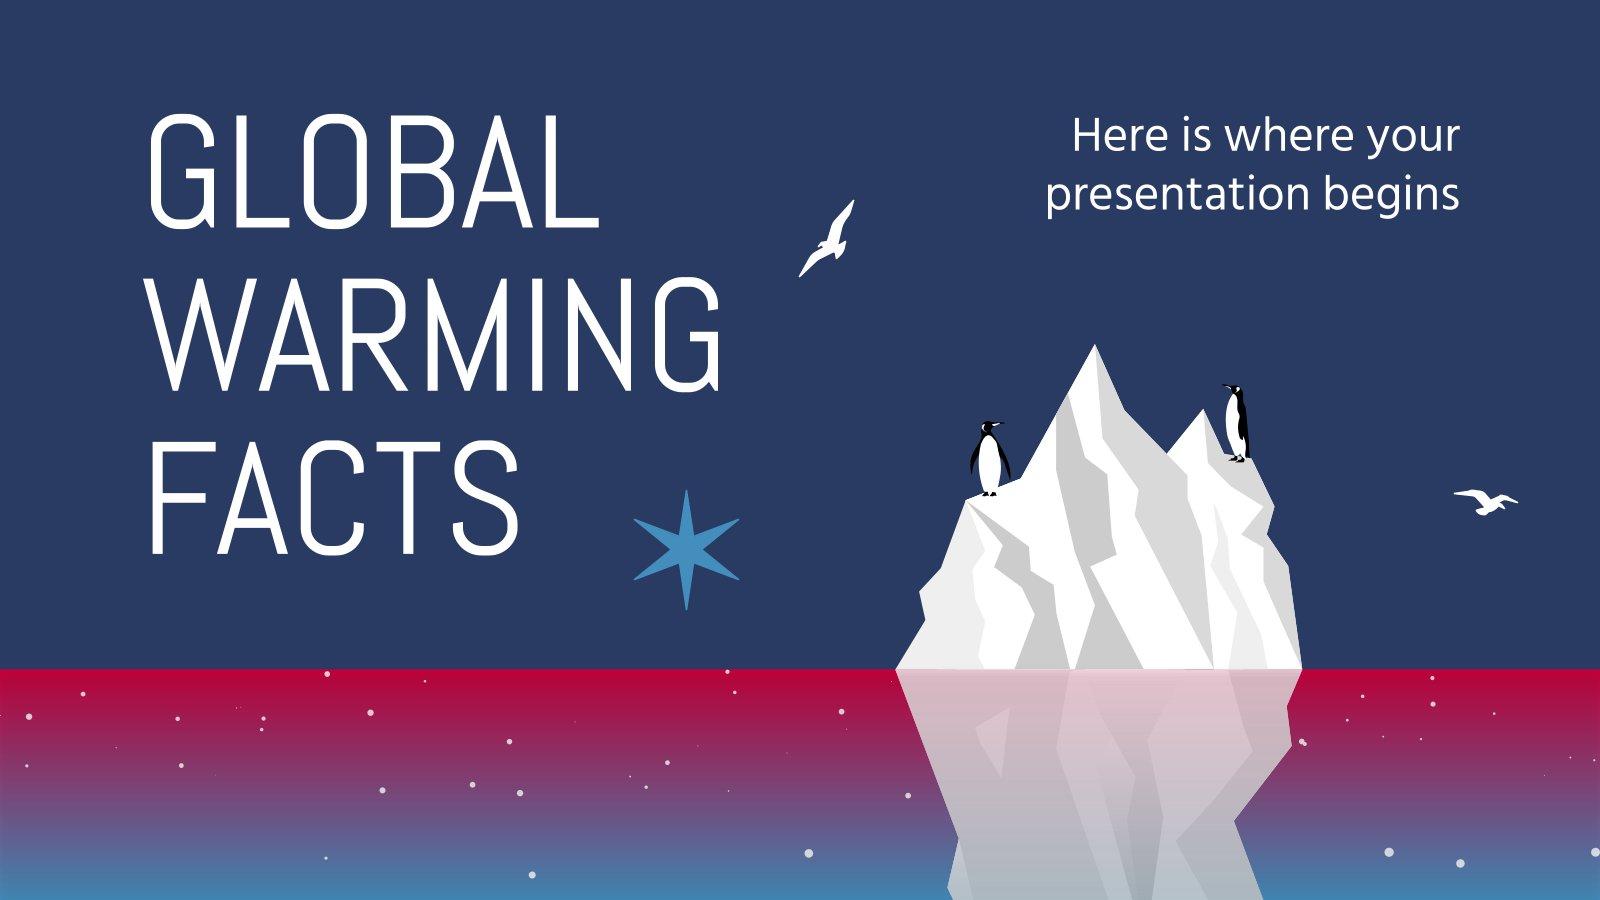 Fakten über die globale Erwärmung Präsentationsvorlage